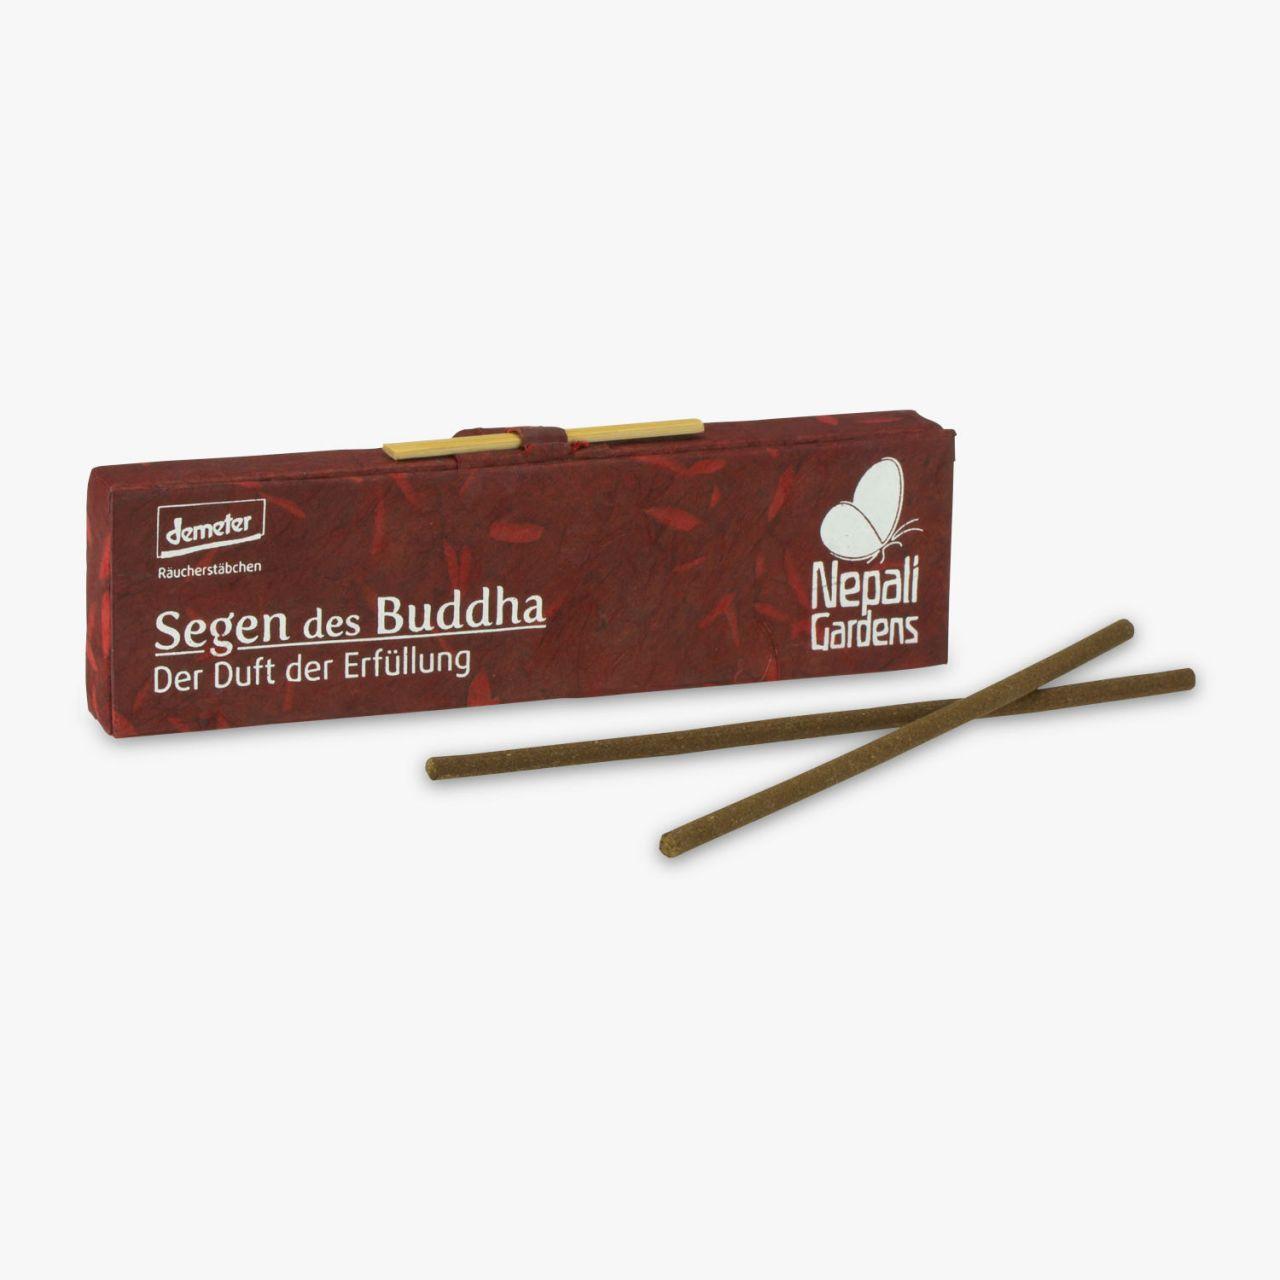 Segen des Buddha